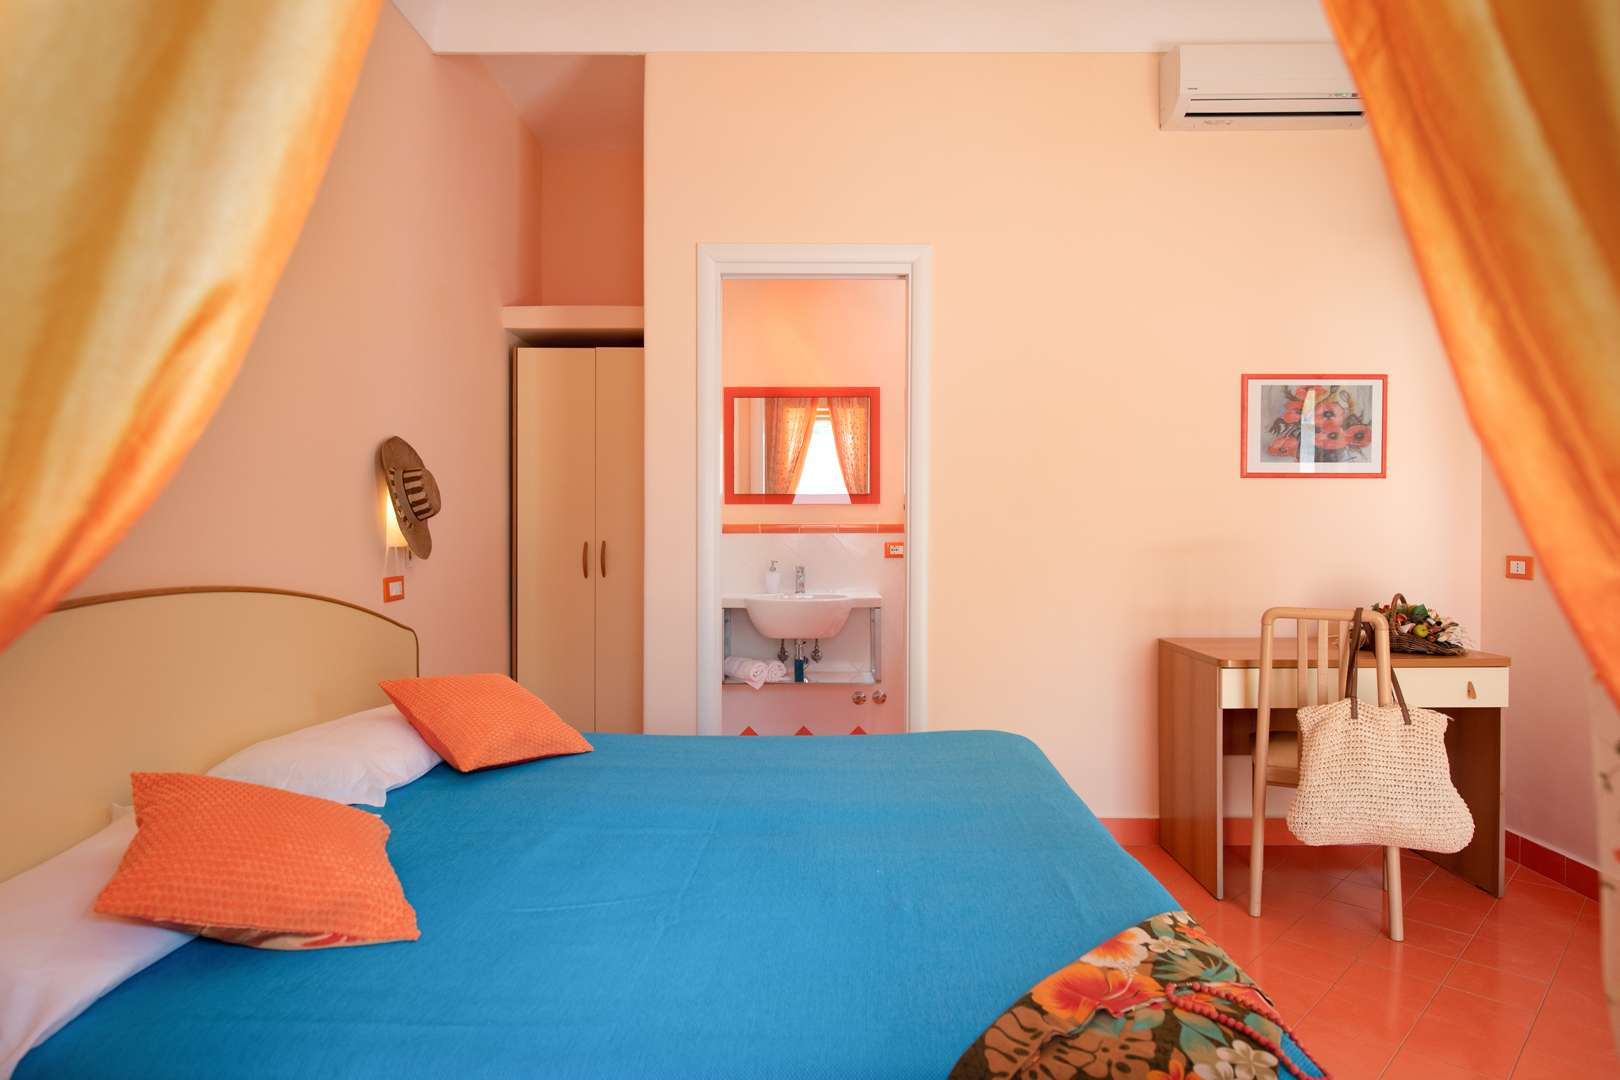 Le Nostre Camere Hotel Villa Sirena Sant Angelo D Ischia Sito Ufficiale